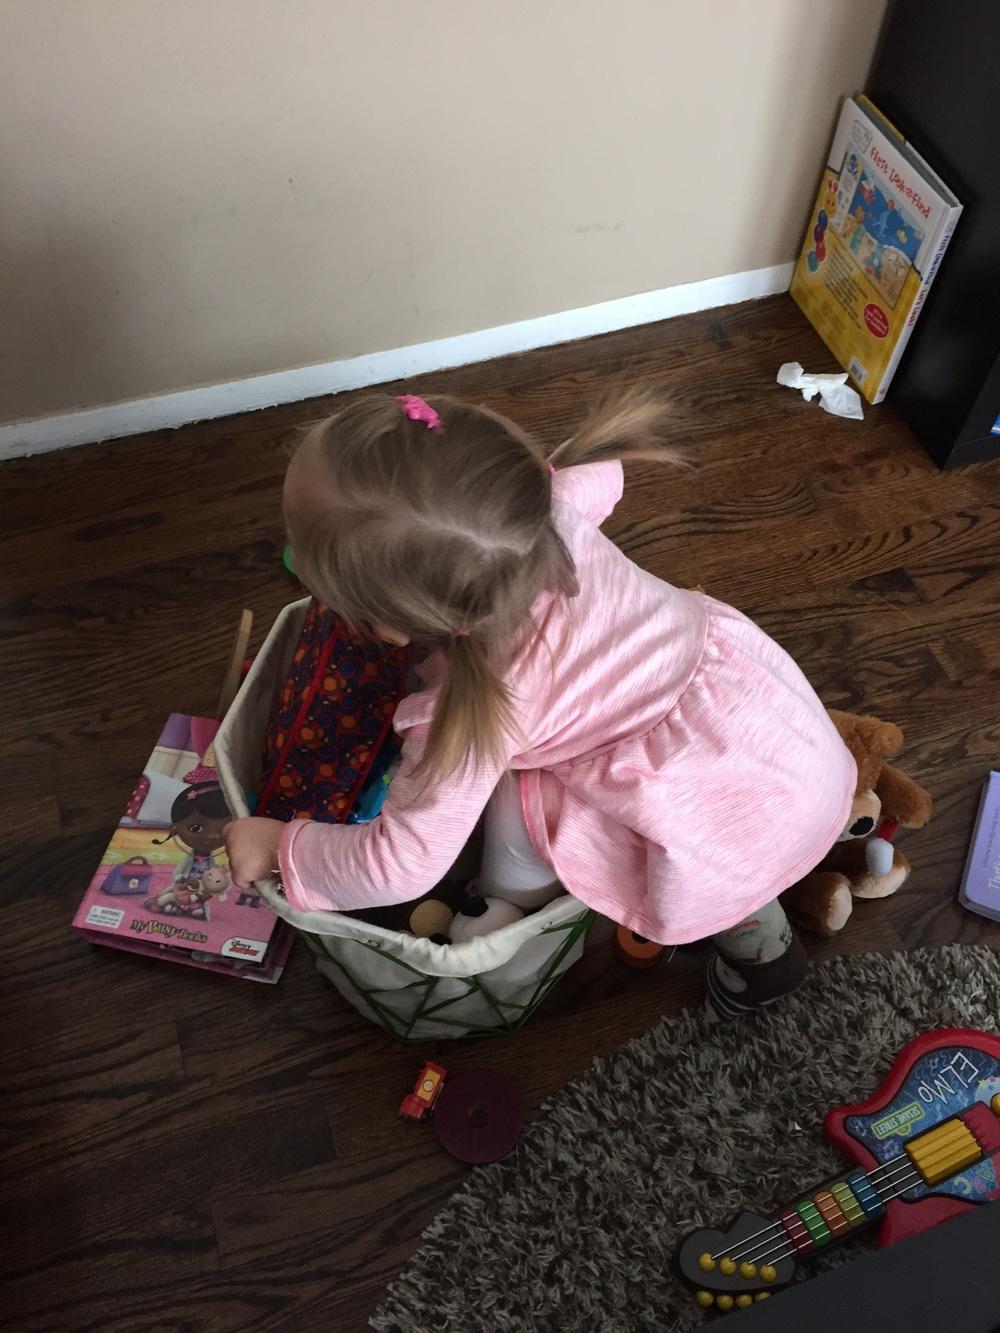 Toddler climbing in toy bin